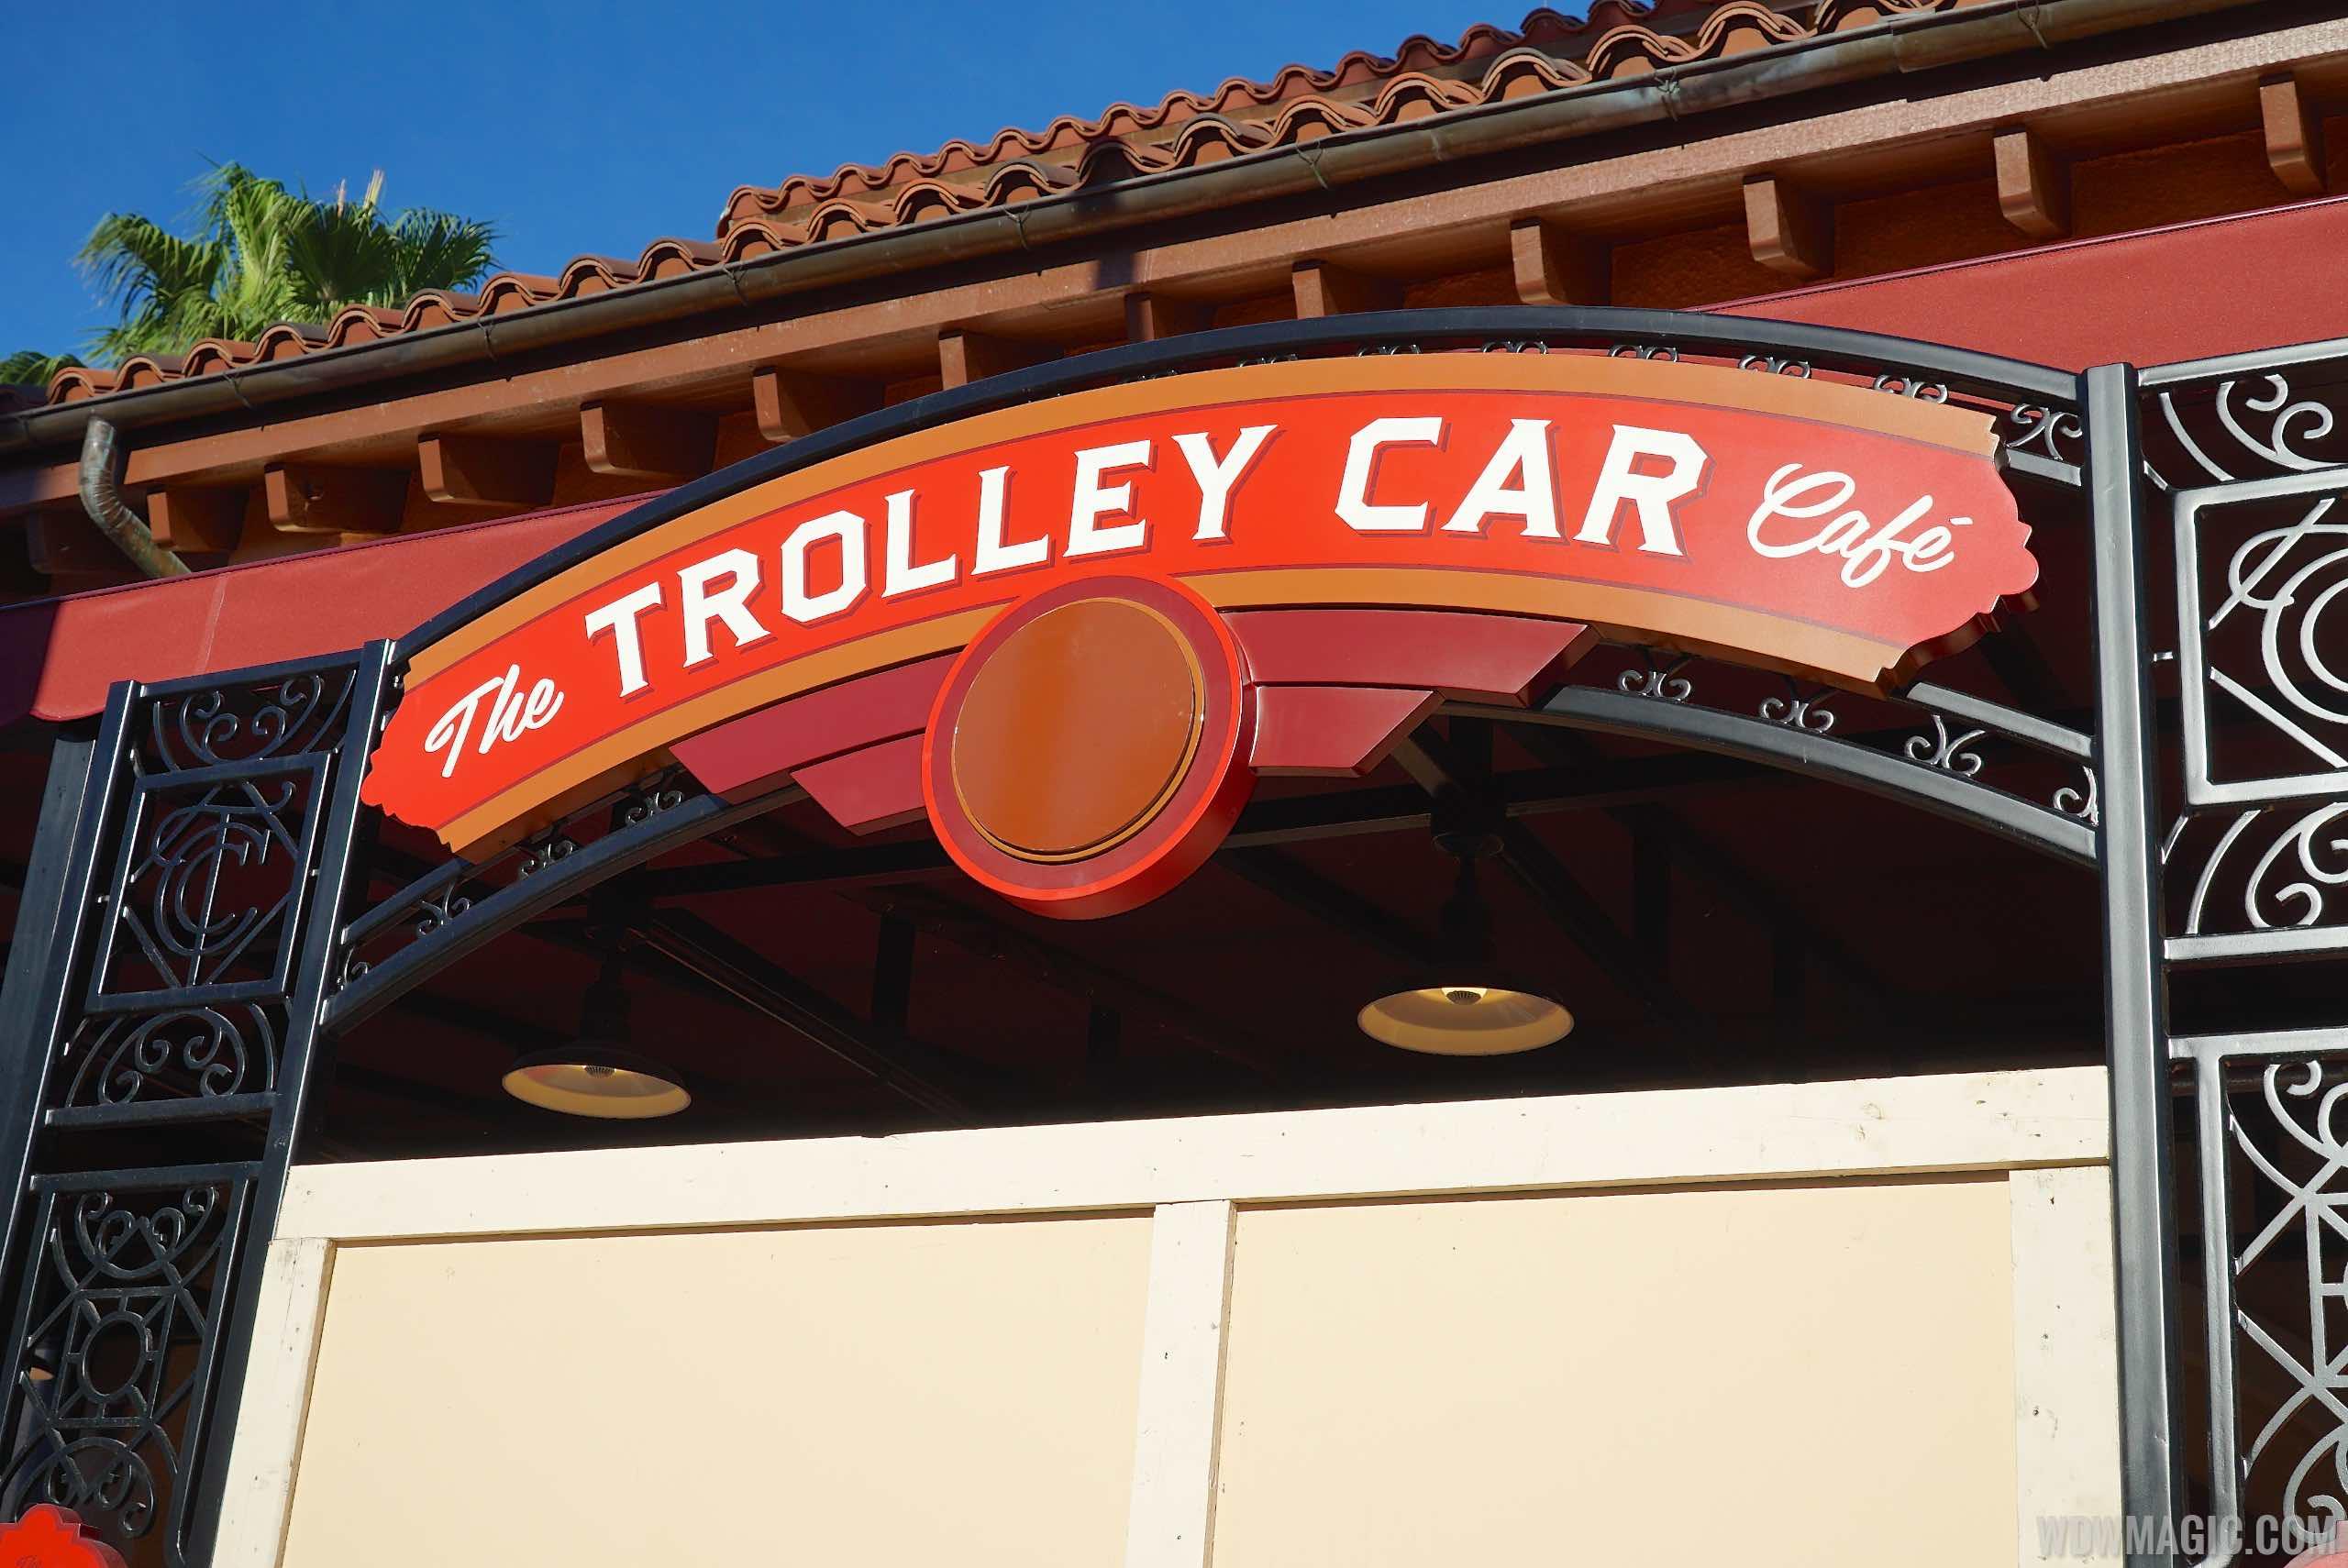 Trolley Car Cafe signage